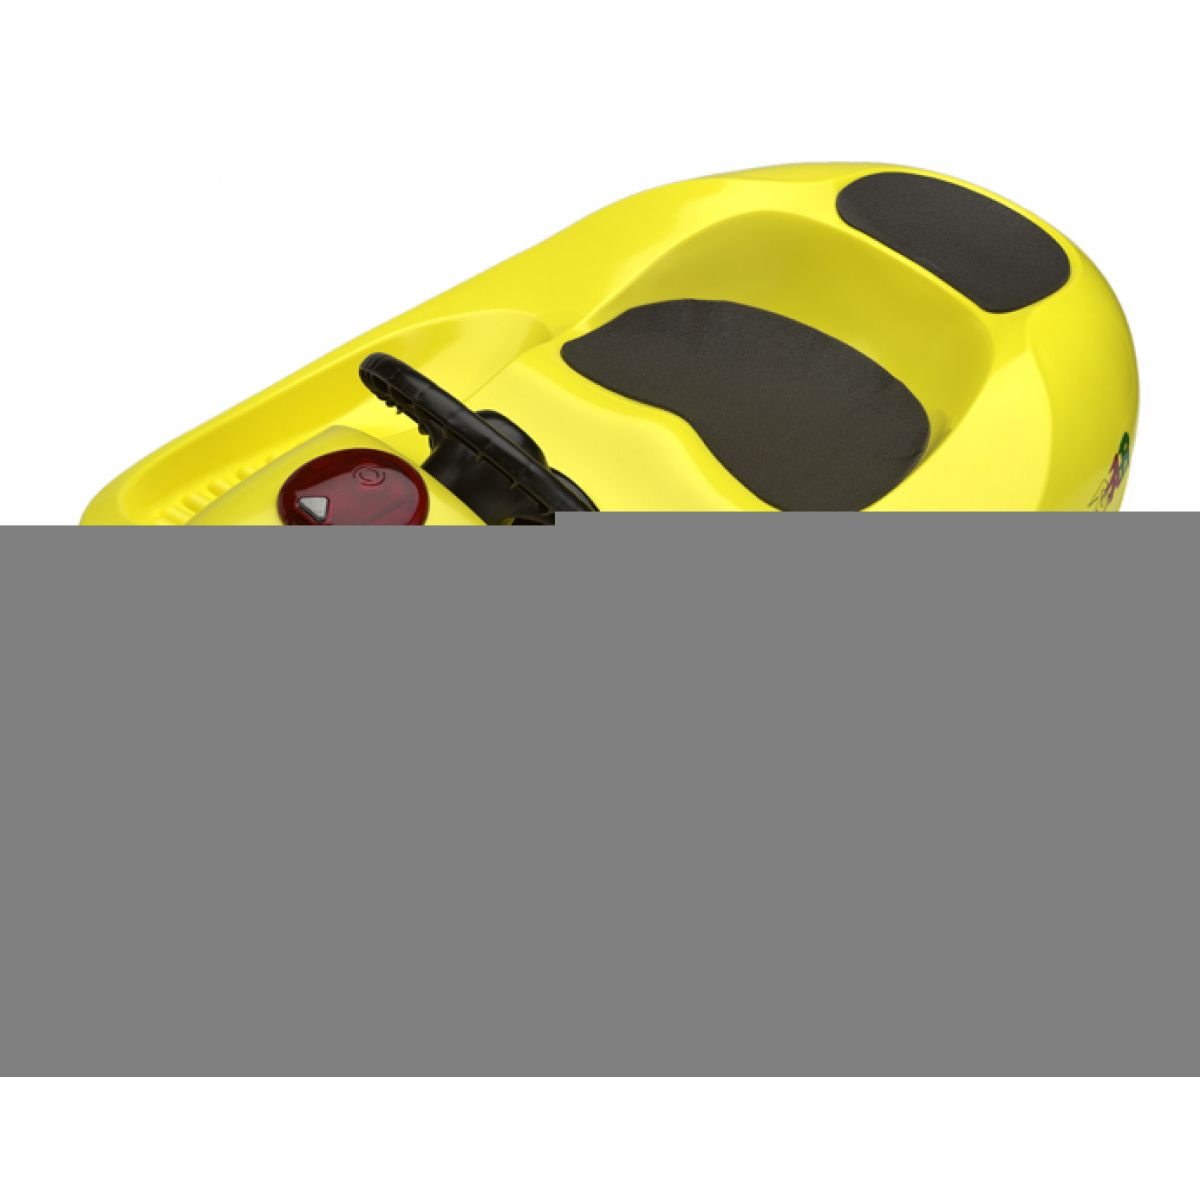 KHW Boby Snow Car 4x4 de Luxe žluté